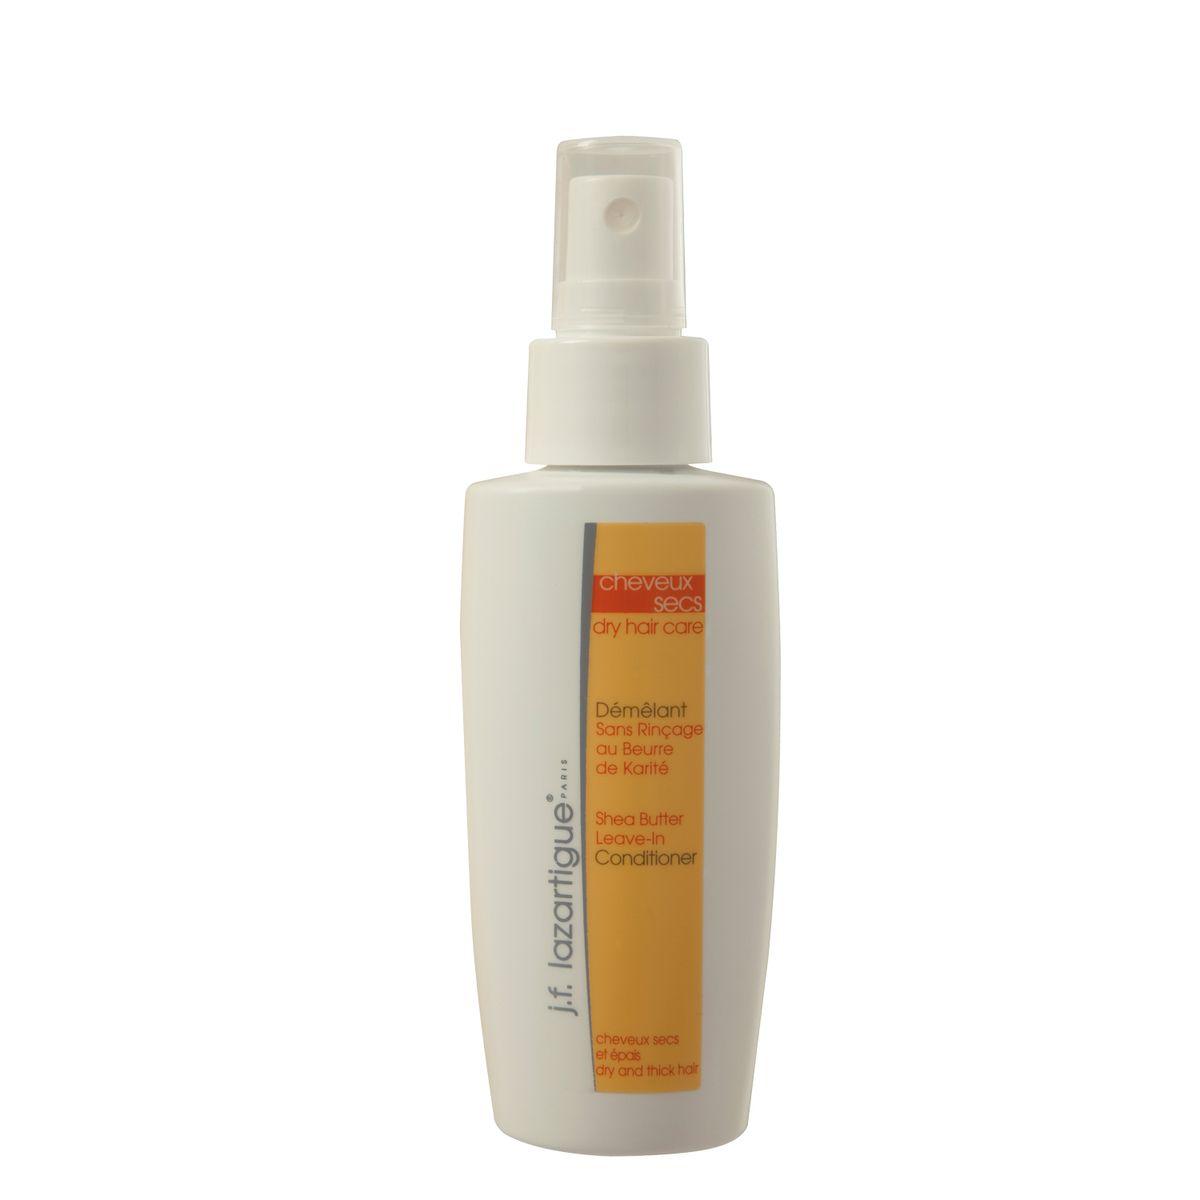 J.F.Lazartigue Кондиционер-спрей с маслом ши (карите) (для сухих и густых волос) 100 мл01308Благодаря высокому содержанию масла ши (карите) из плодов африканского масляного дерева кондиционер превосходно питает волосы, не вызывая их утяжеления, а увлажняющие и восстанавливающие блеск ингредиенты эффективно препятствуют спутыванию волос, облегчают их расчесывание. Волосы становятся блестящими и здоровыми, приобретают нежный аромат. Рекомендуется для густых (не тонких) и очень сухих волос.